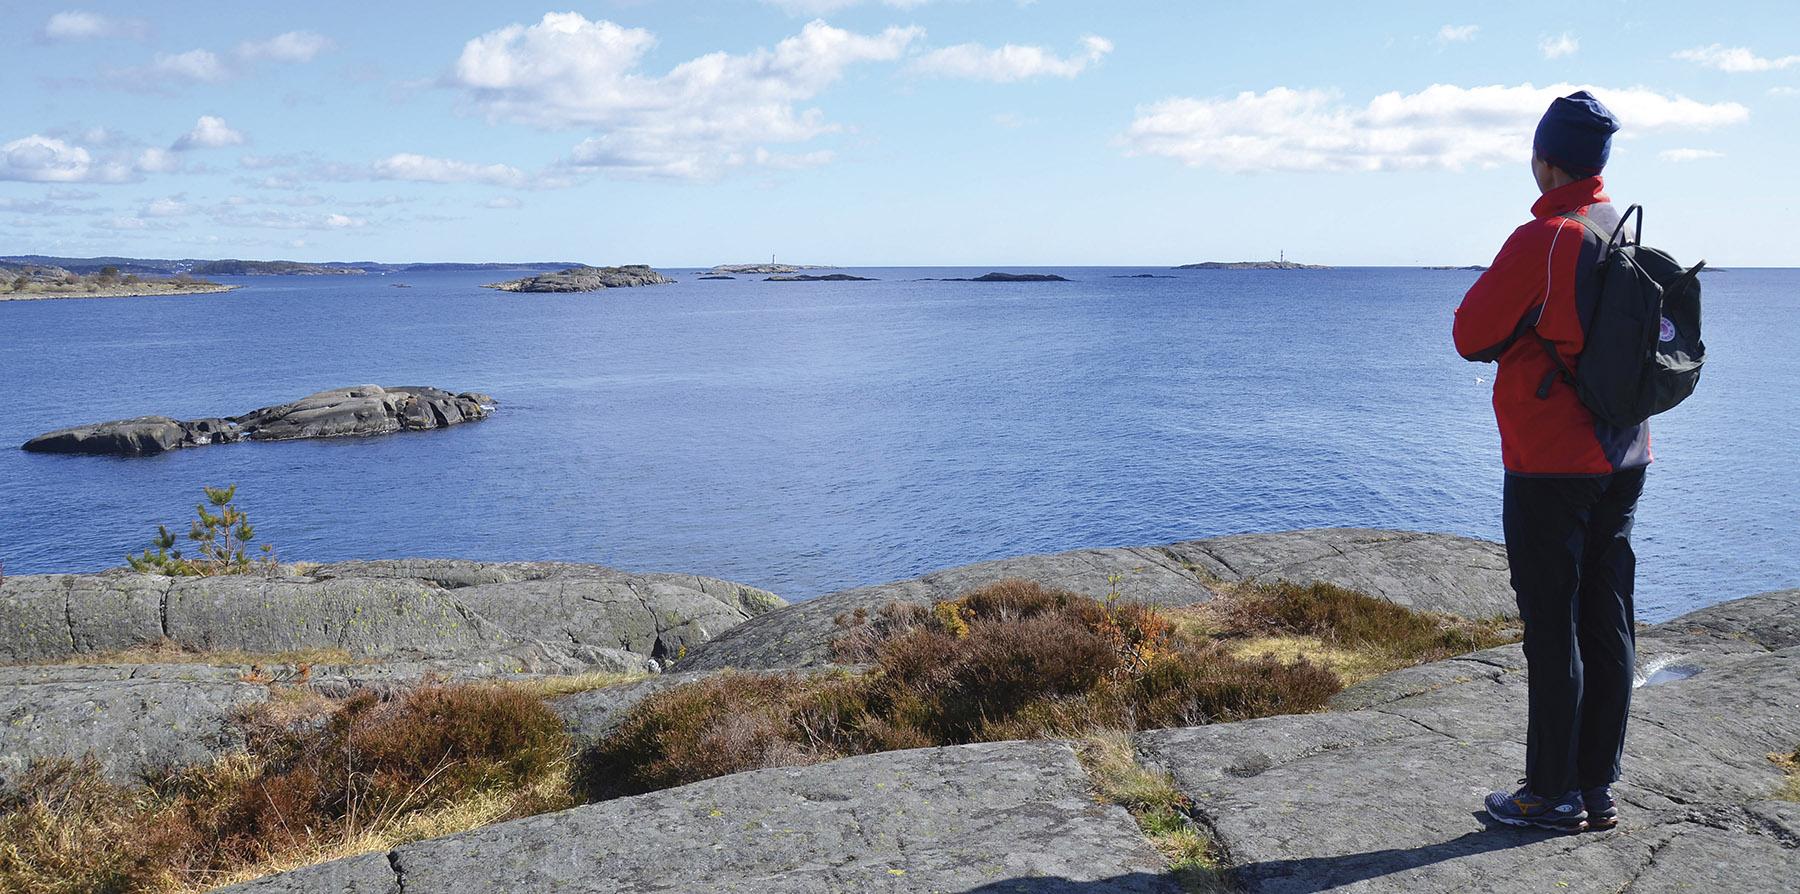 Fra Hasseltangen i Grimstad kommune er det fritt utsyn mot rullesteinsøya Jerken, fyrene Store og Lille Torungen ved innseilingen til Arendal og mot havet utenfor. Foto: Øivind Berg